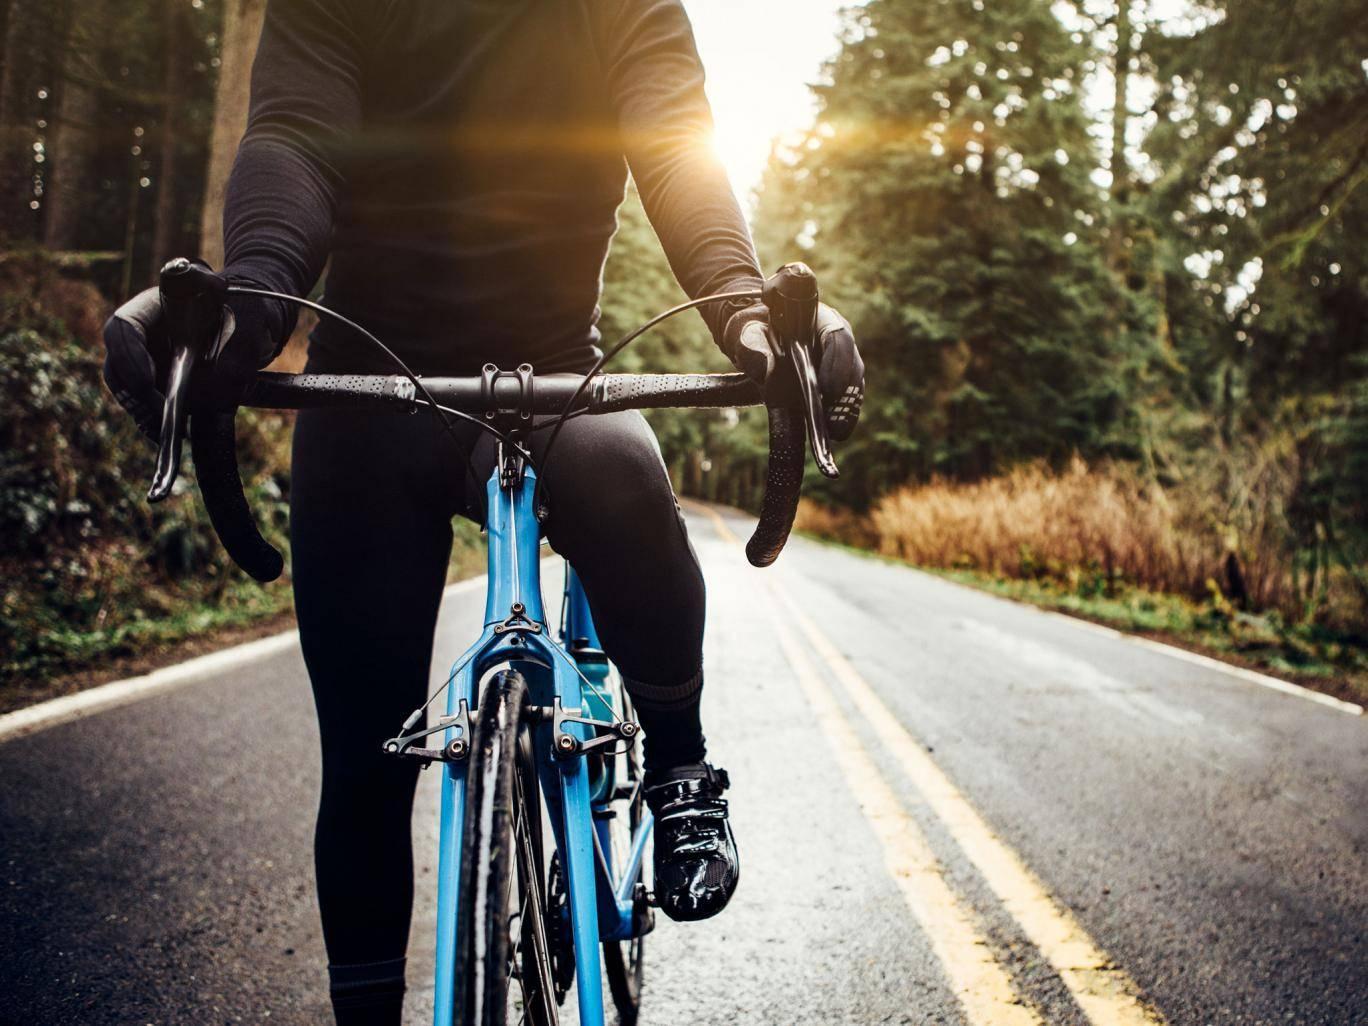 英研究发现:坚持骑行运动青春永相随